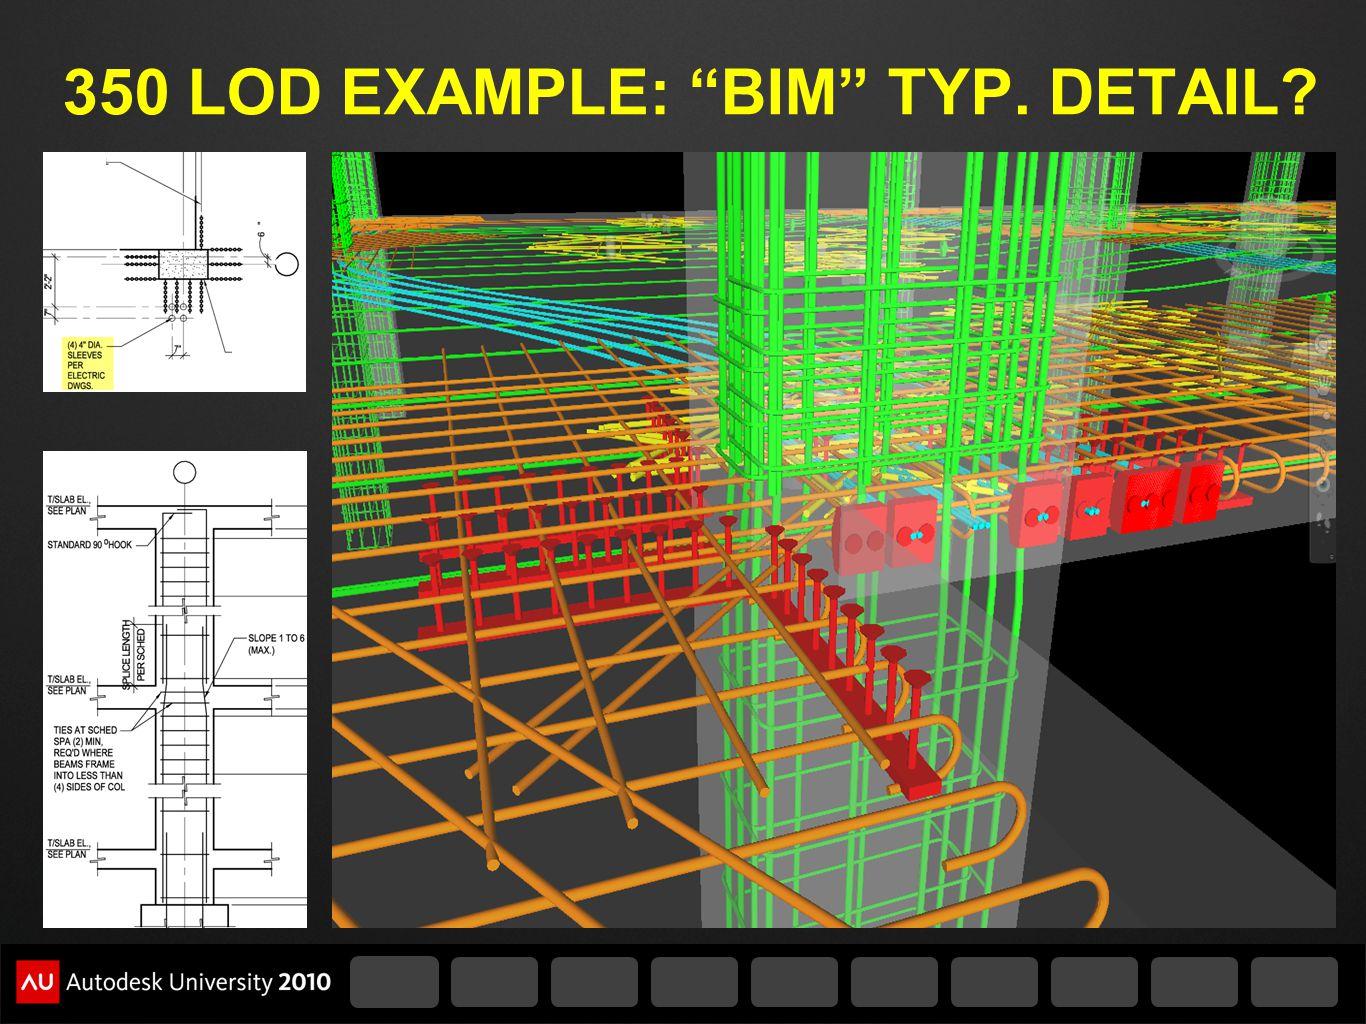 350 LOD EXAMPLE: BIM TYP. DETAIL?